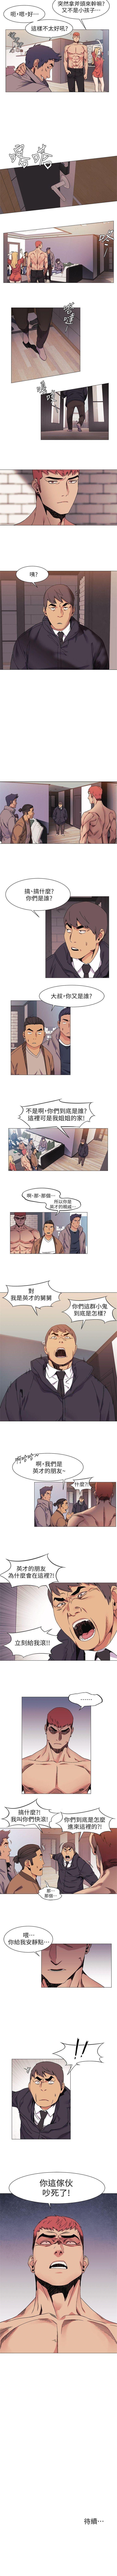 衝突 1-100官方中文(連載中) 142